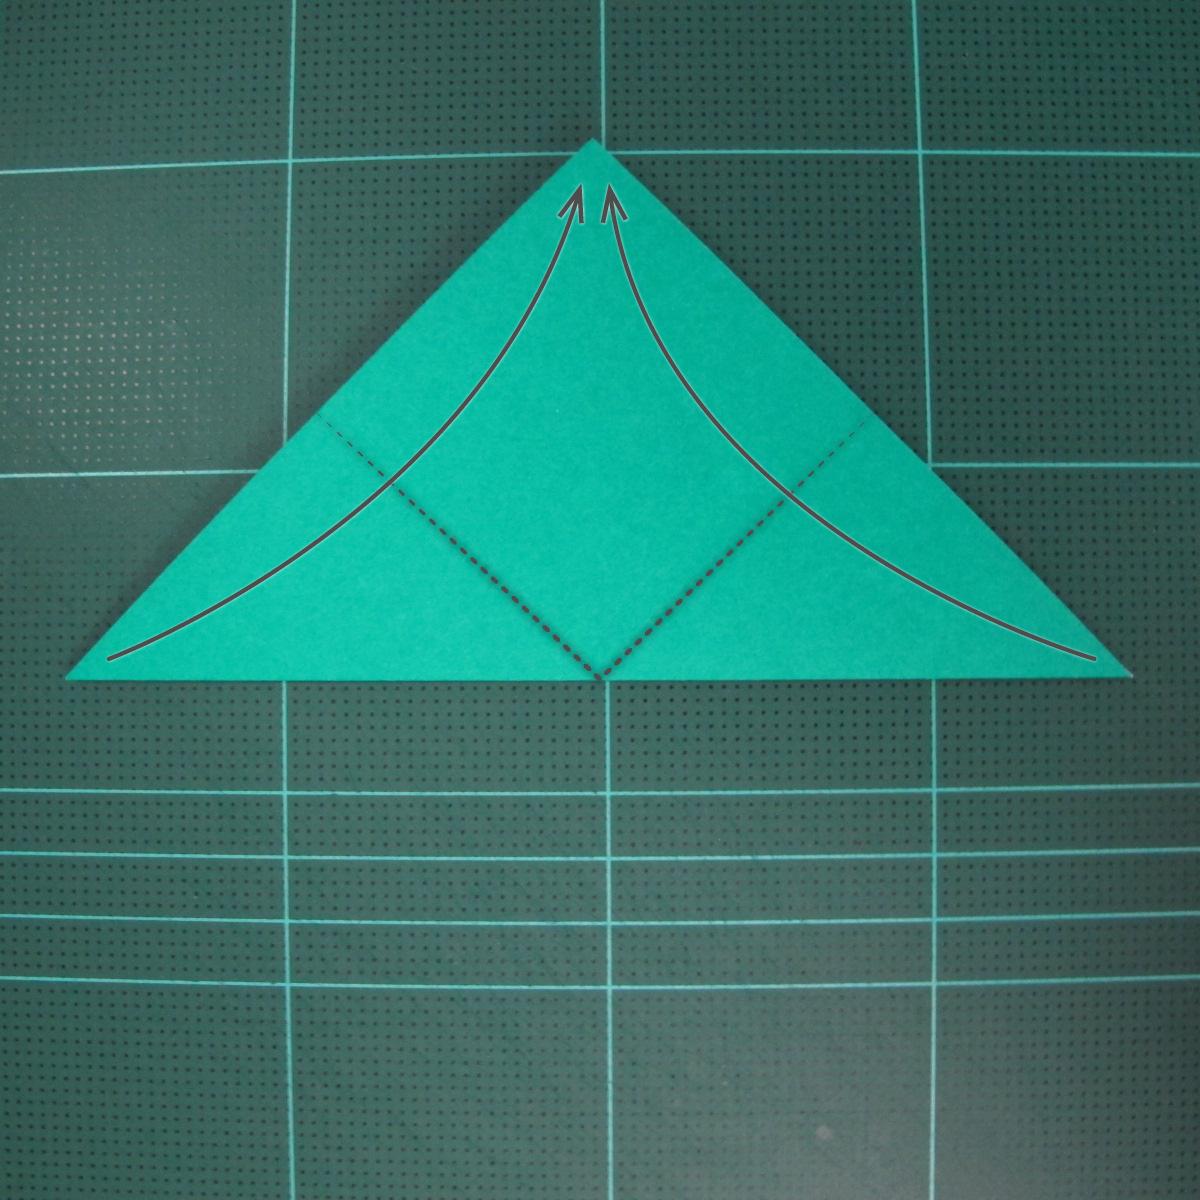 วิธีพับกระดาษเป็นรูปหมวกซามุไร (Origami Samurai Hat) 002